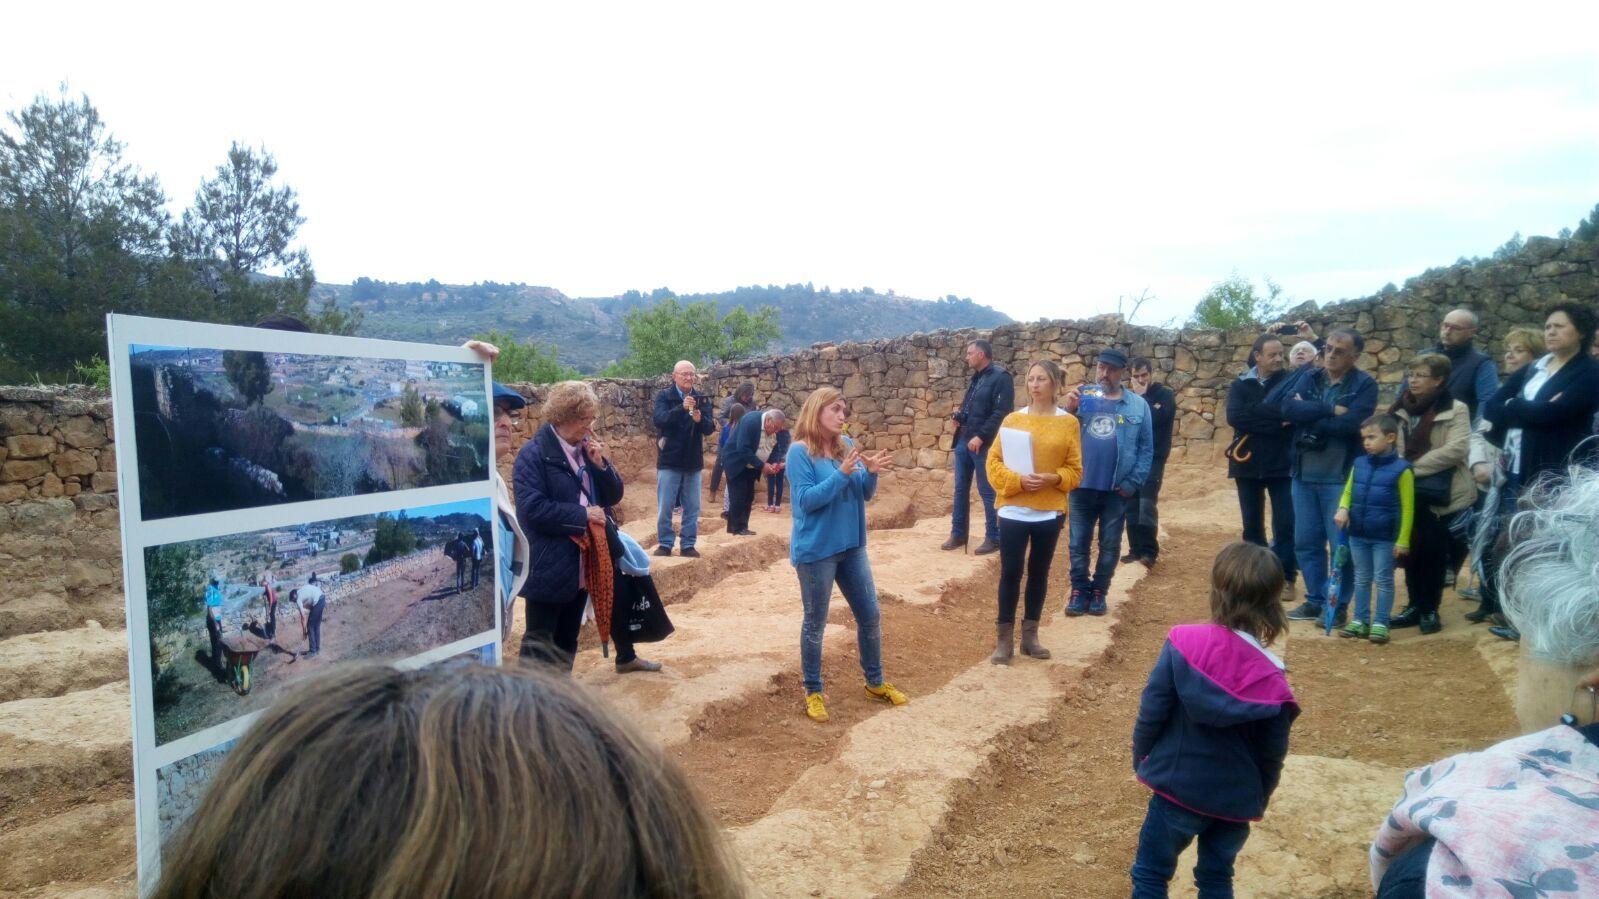 La Granadella i el Soleràs organitzen les Jornades de recuperació de la memòria històrica